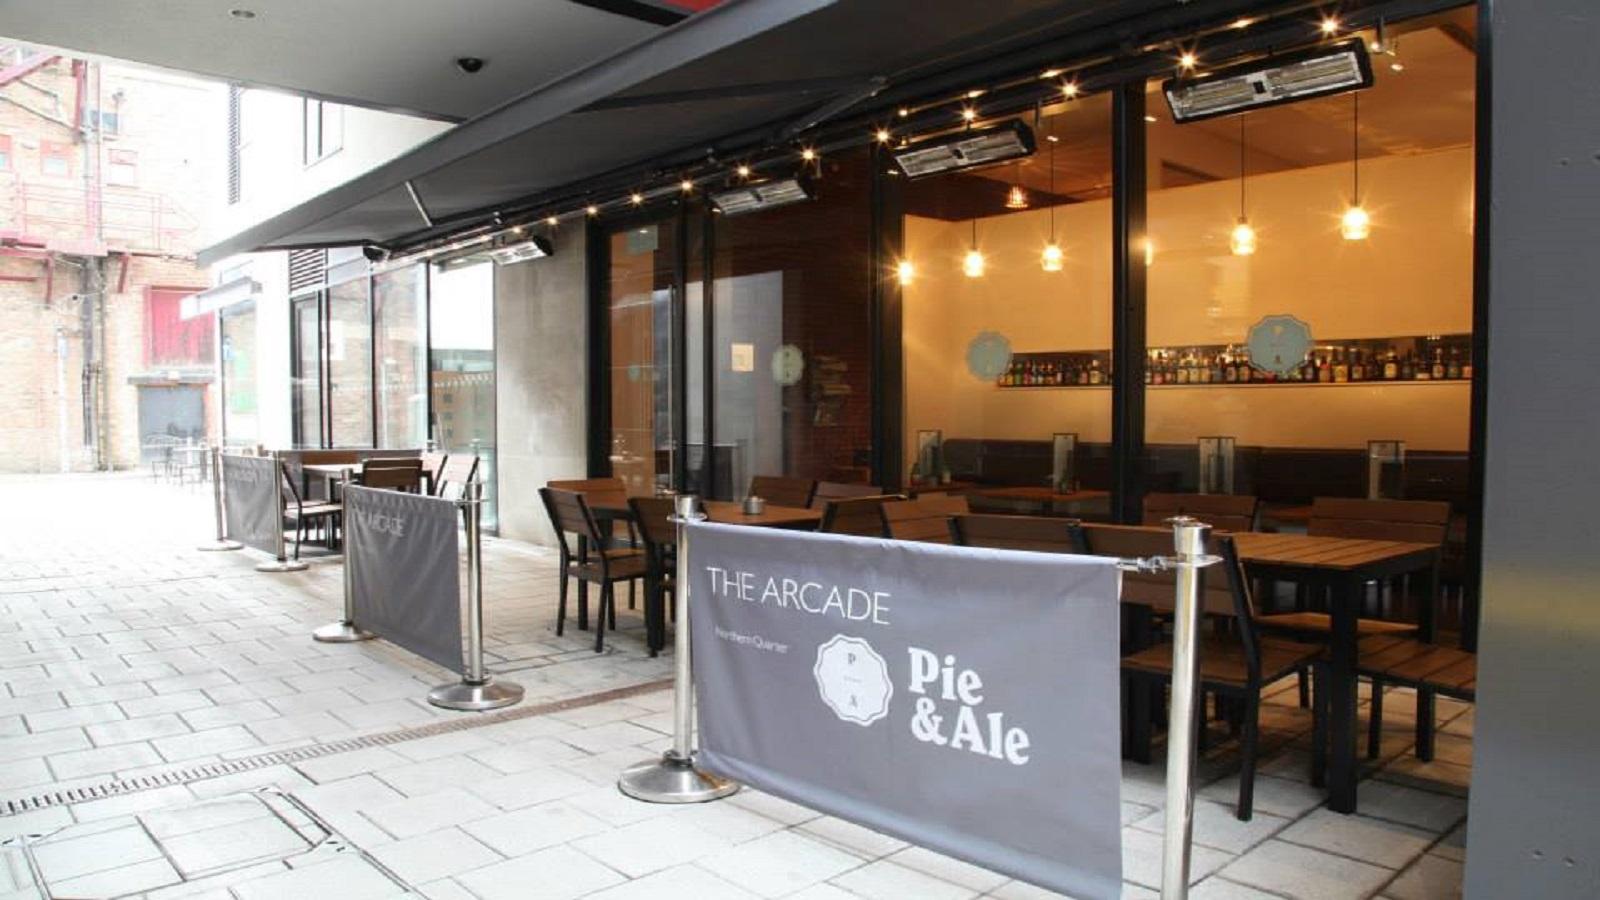 Pie & Ale